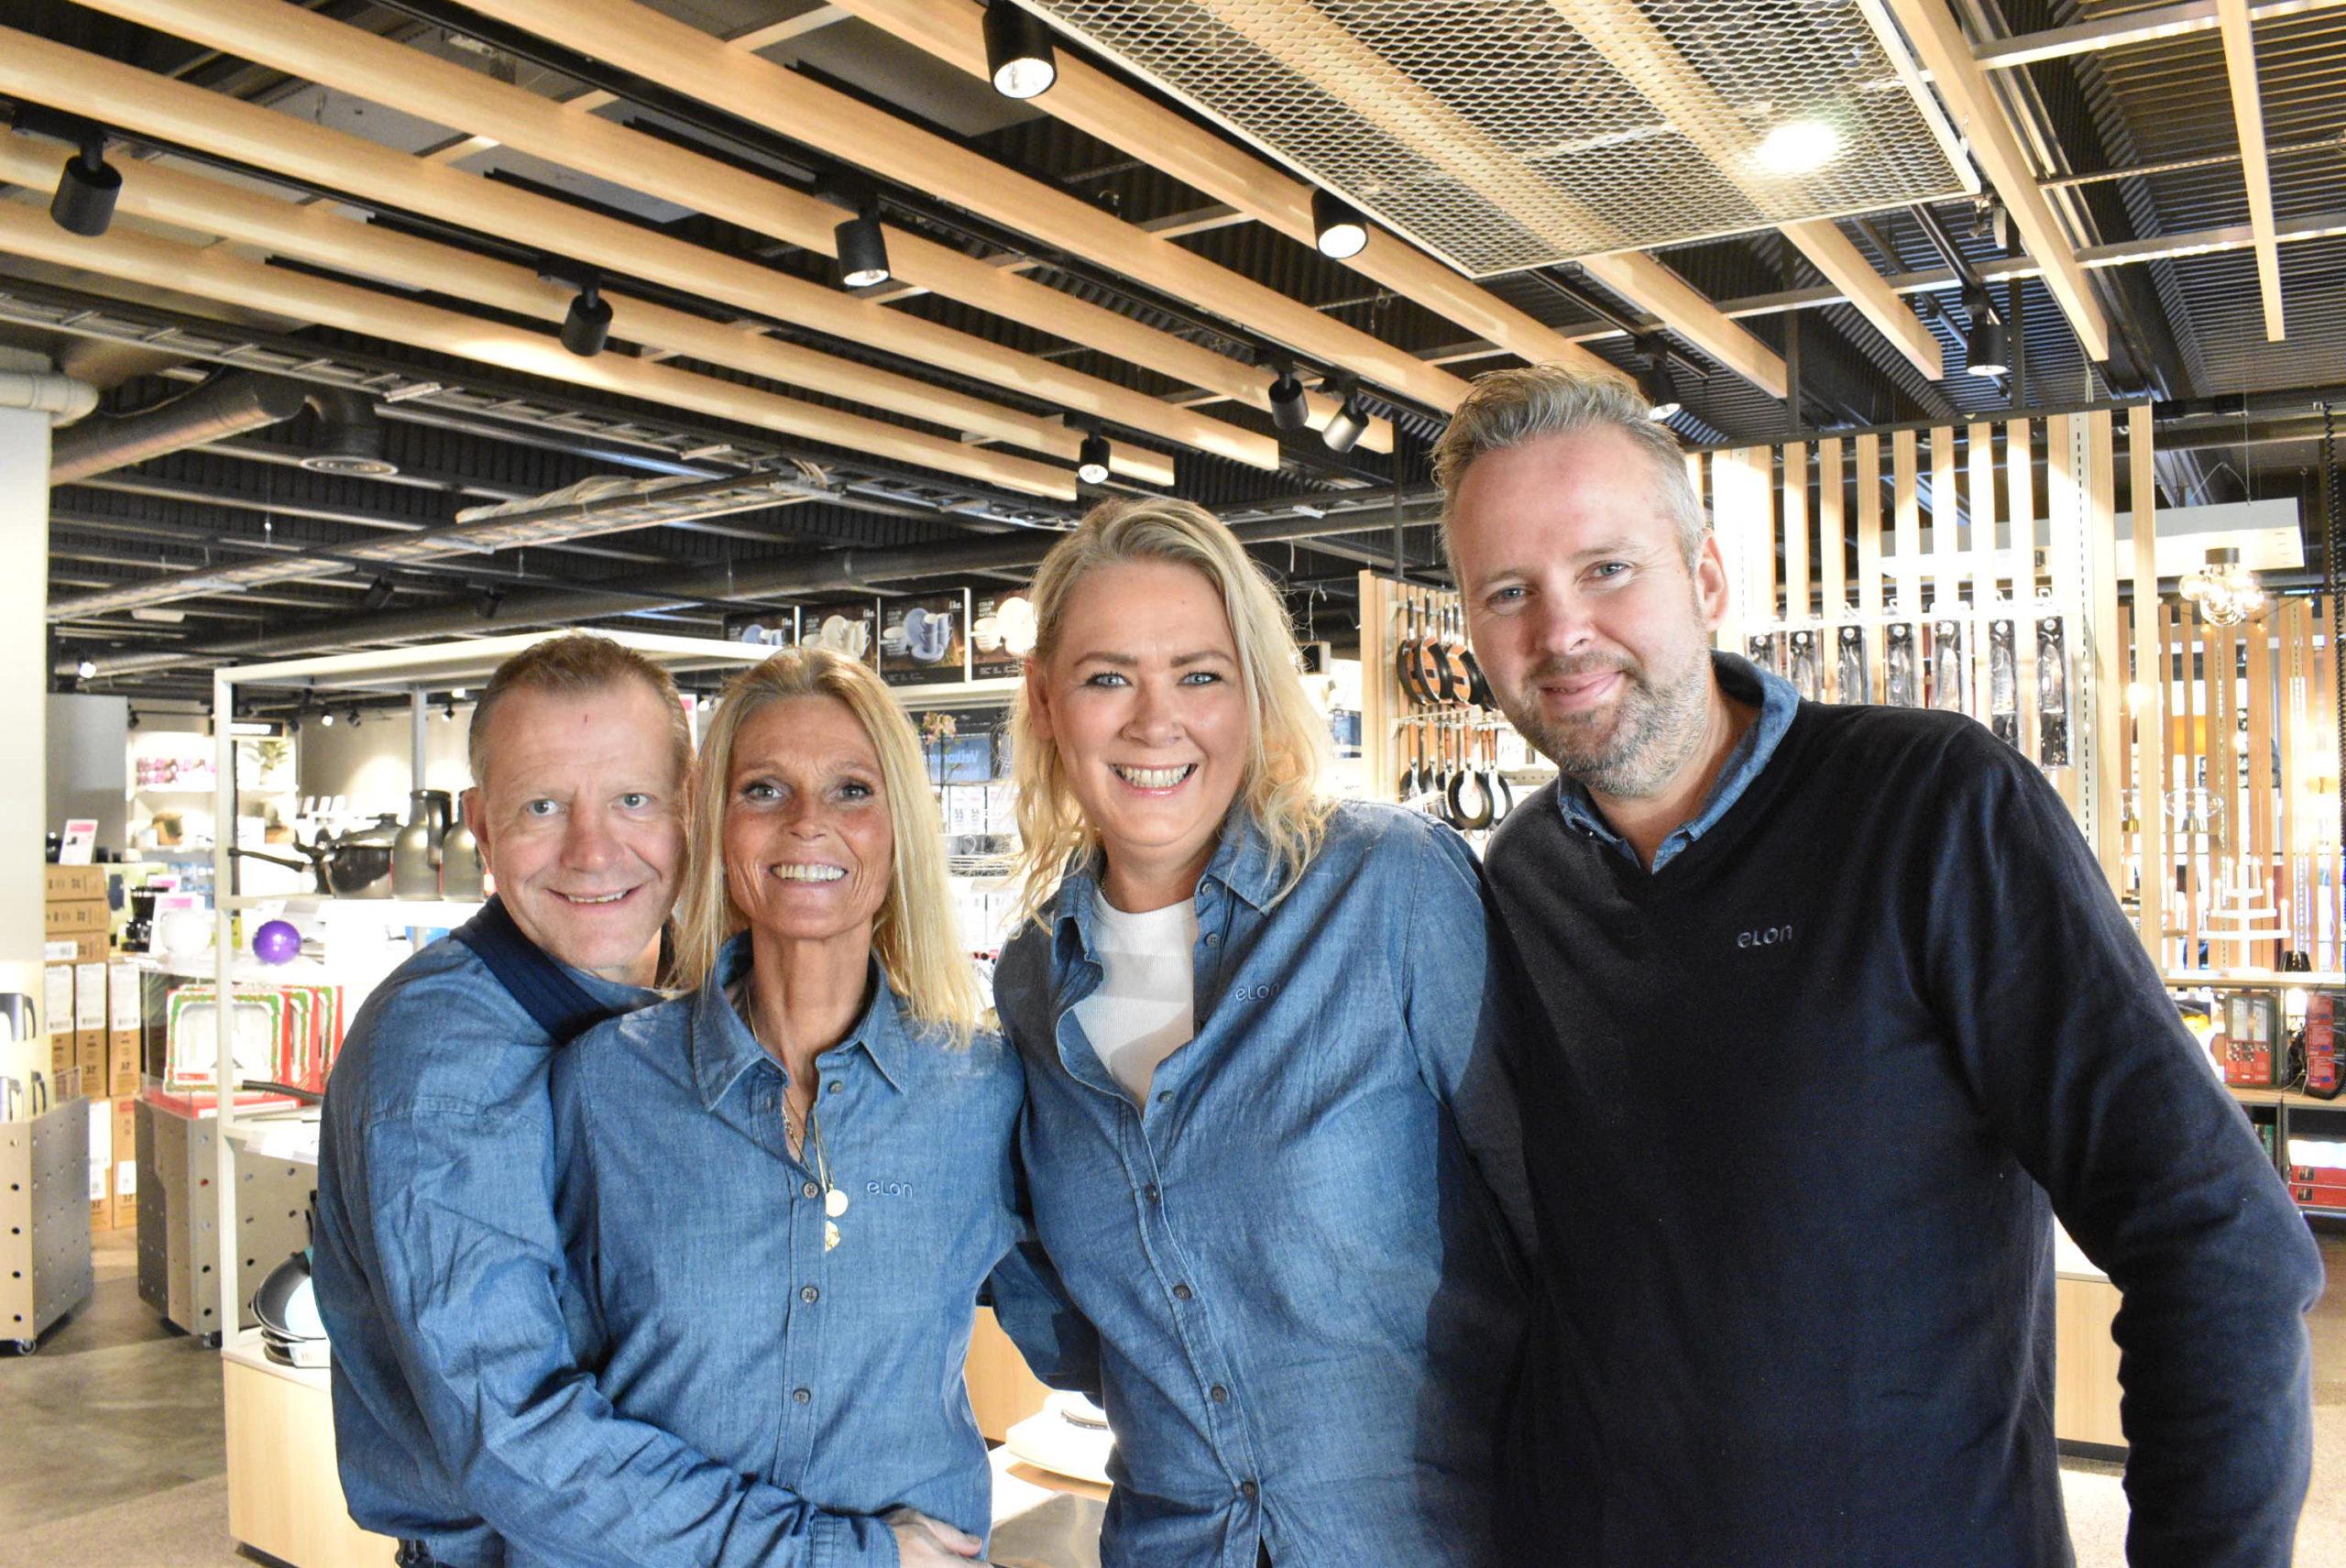 Elon Ekspanderer Kraftig – åpner Ny Butikk I Sørlandsparken